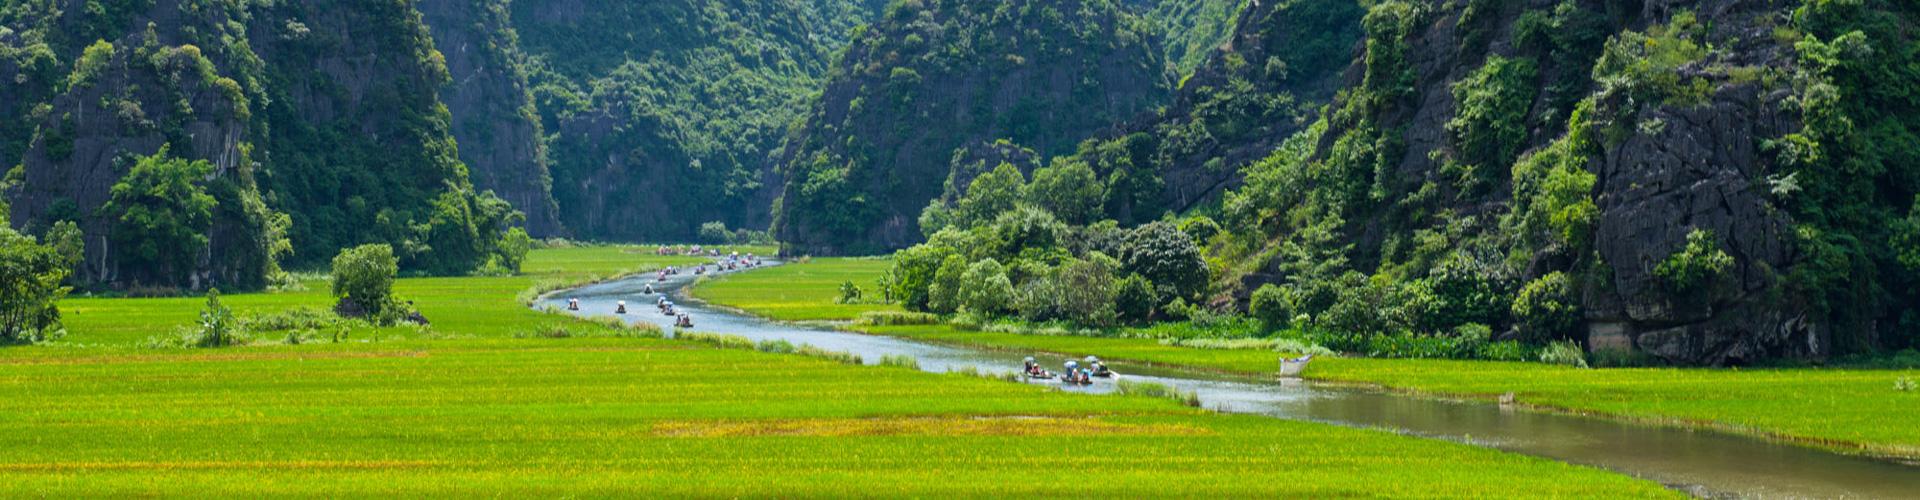 Vietnam Culture Tours